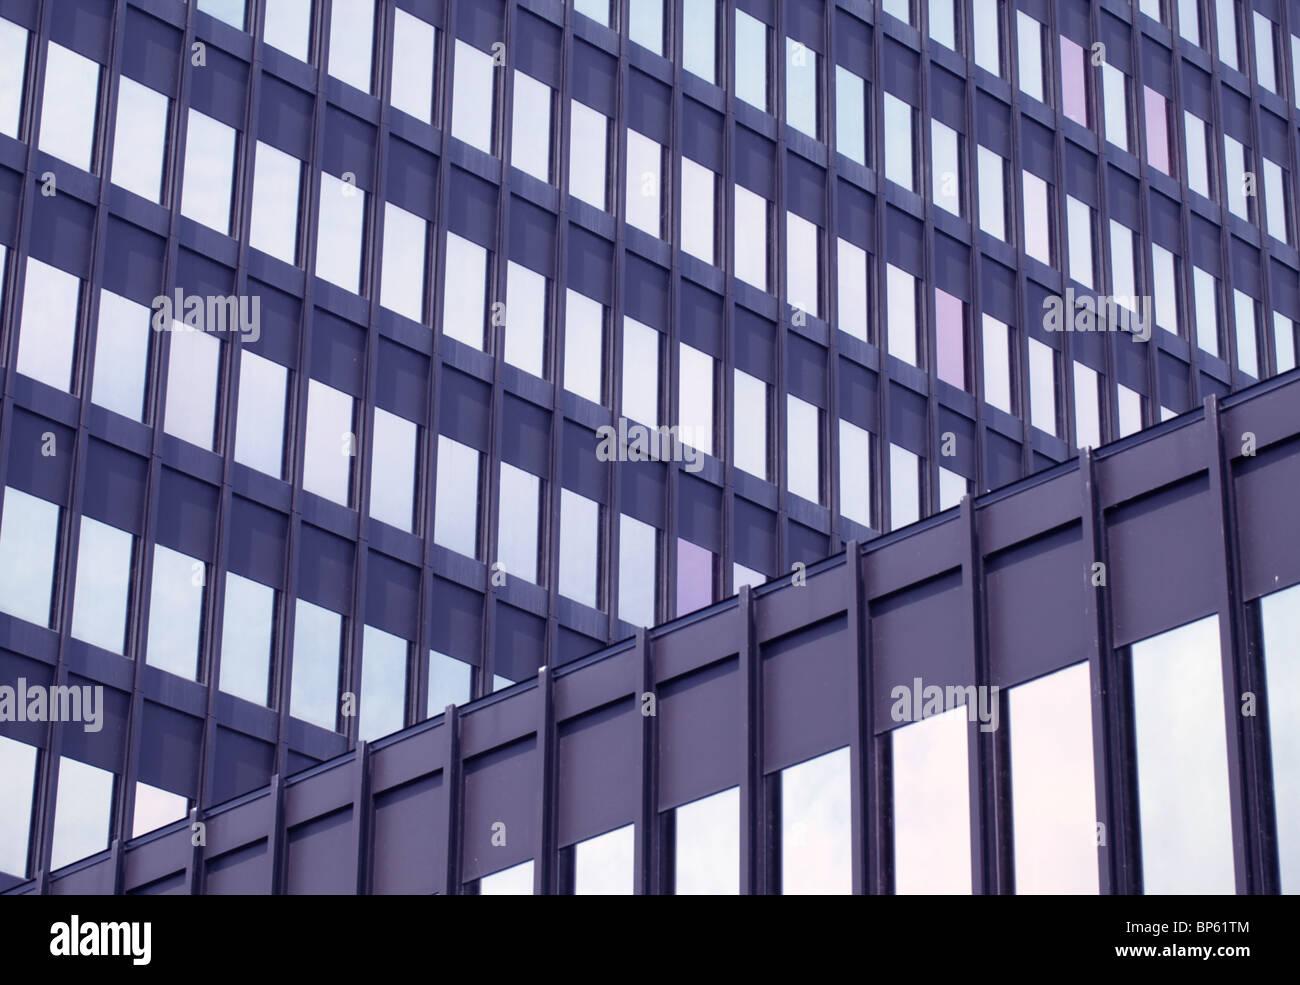 El exterior de un edificio de oficinas de acero y vidrio Imagen De Stock